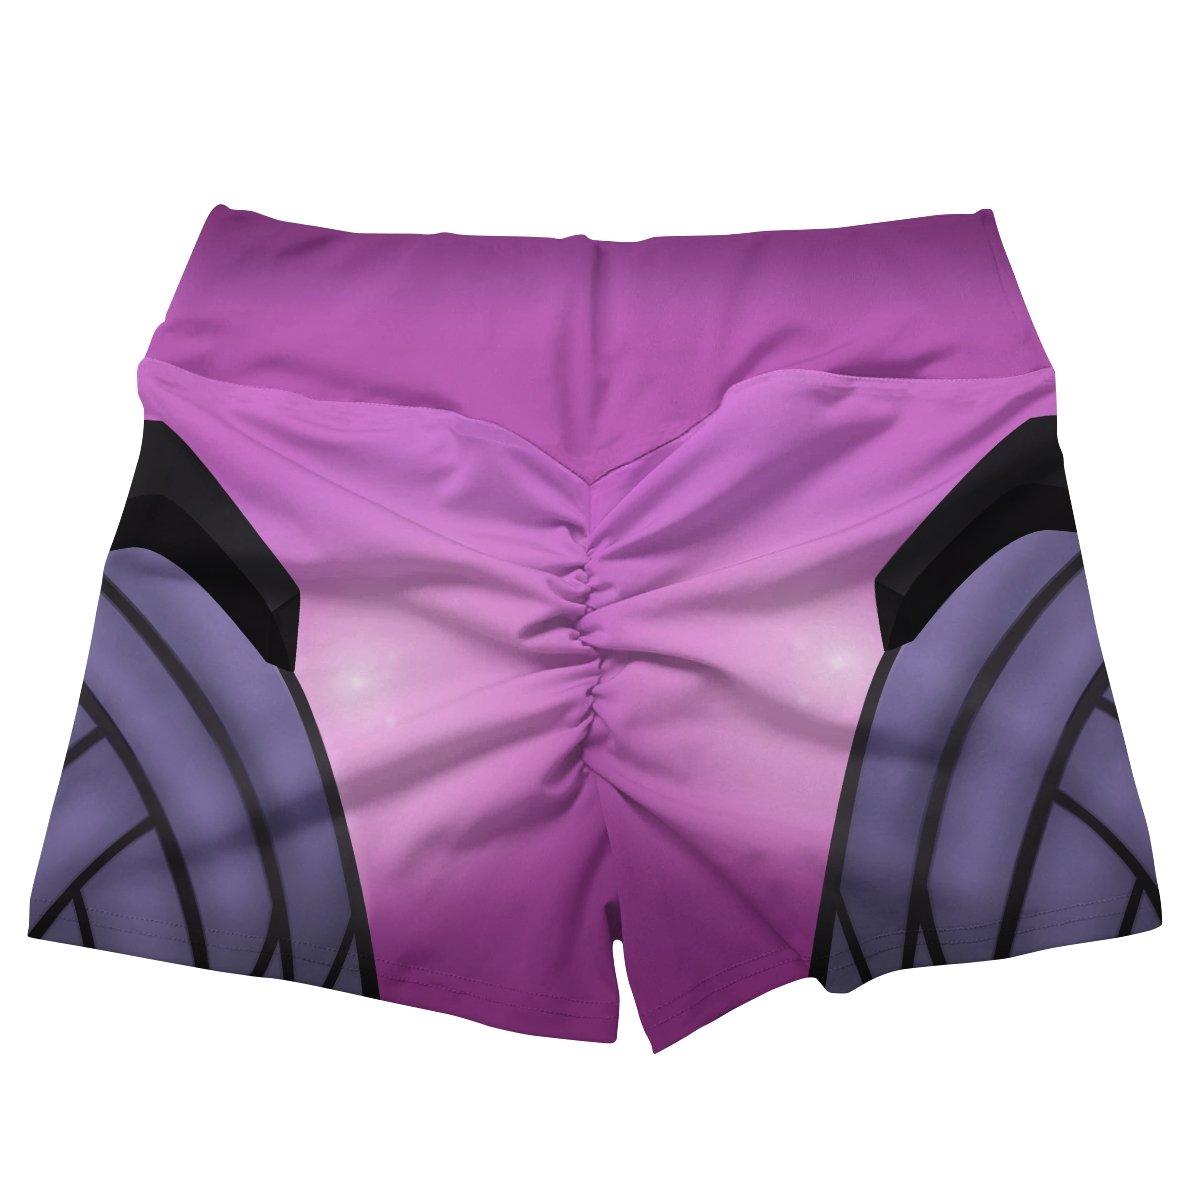 widowmaker summer active wear set 432626 - Anime Swimsuits